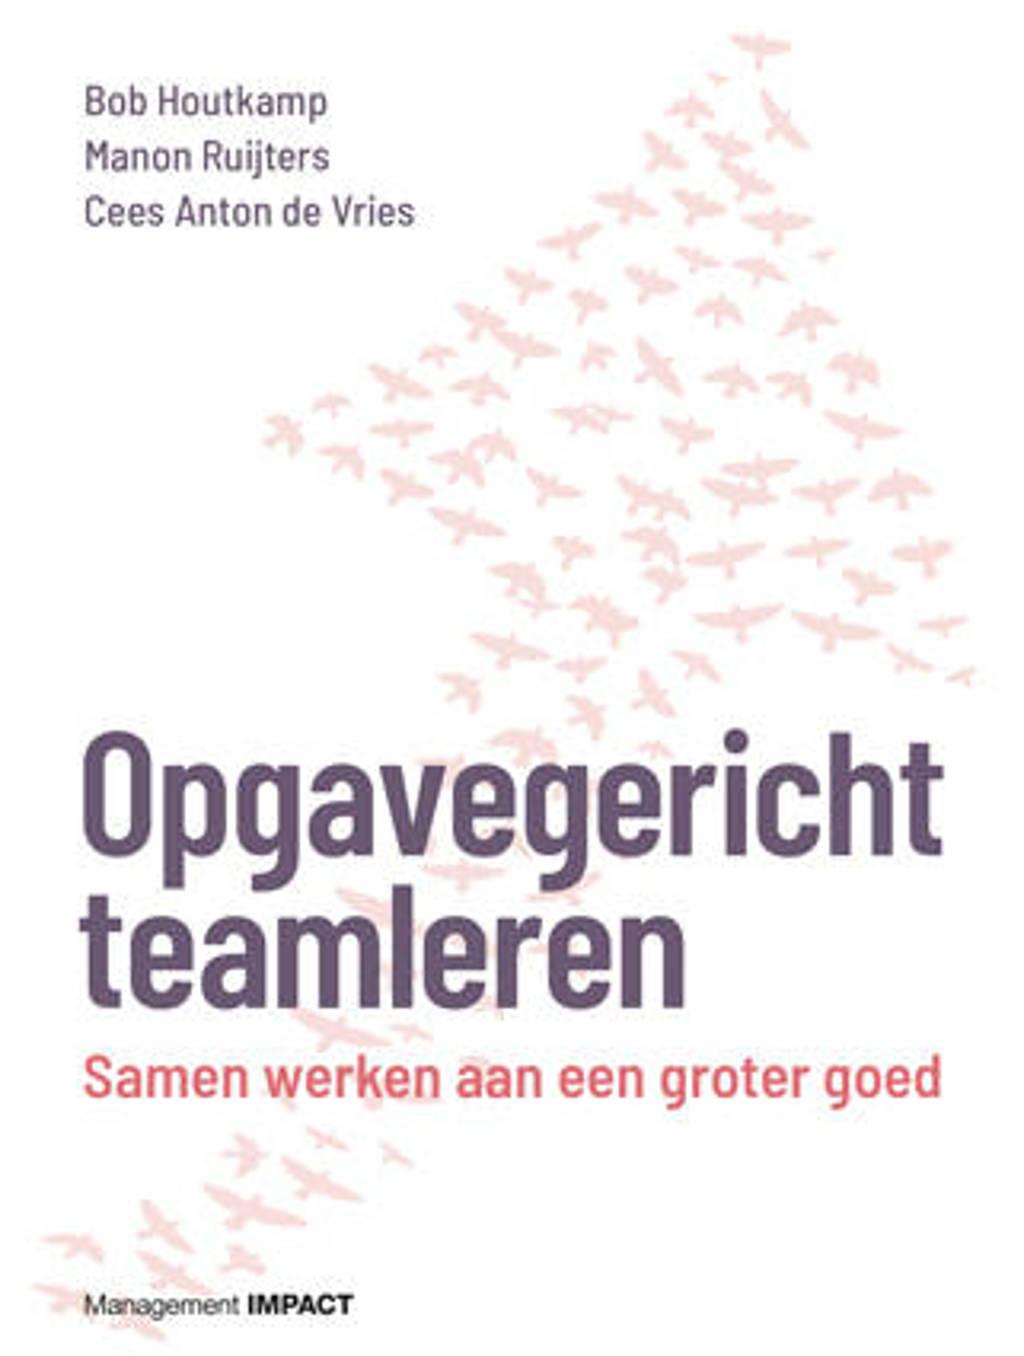 Opgavegericht teamleren - Bob Houtkamp, Manon Ruijters en Cees Anton de Vries